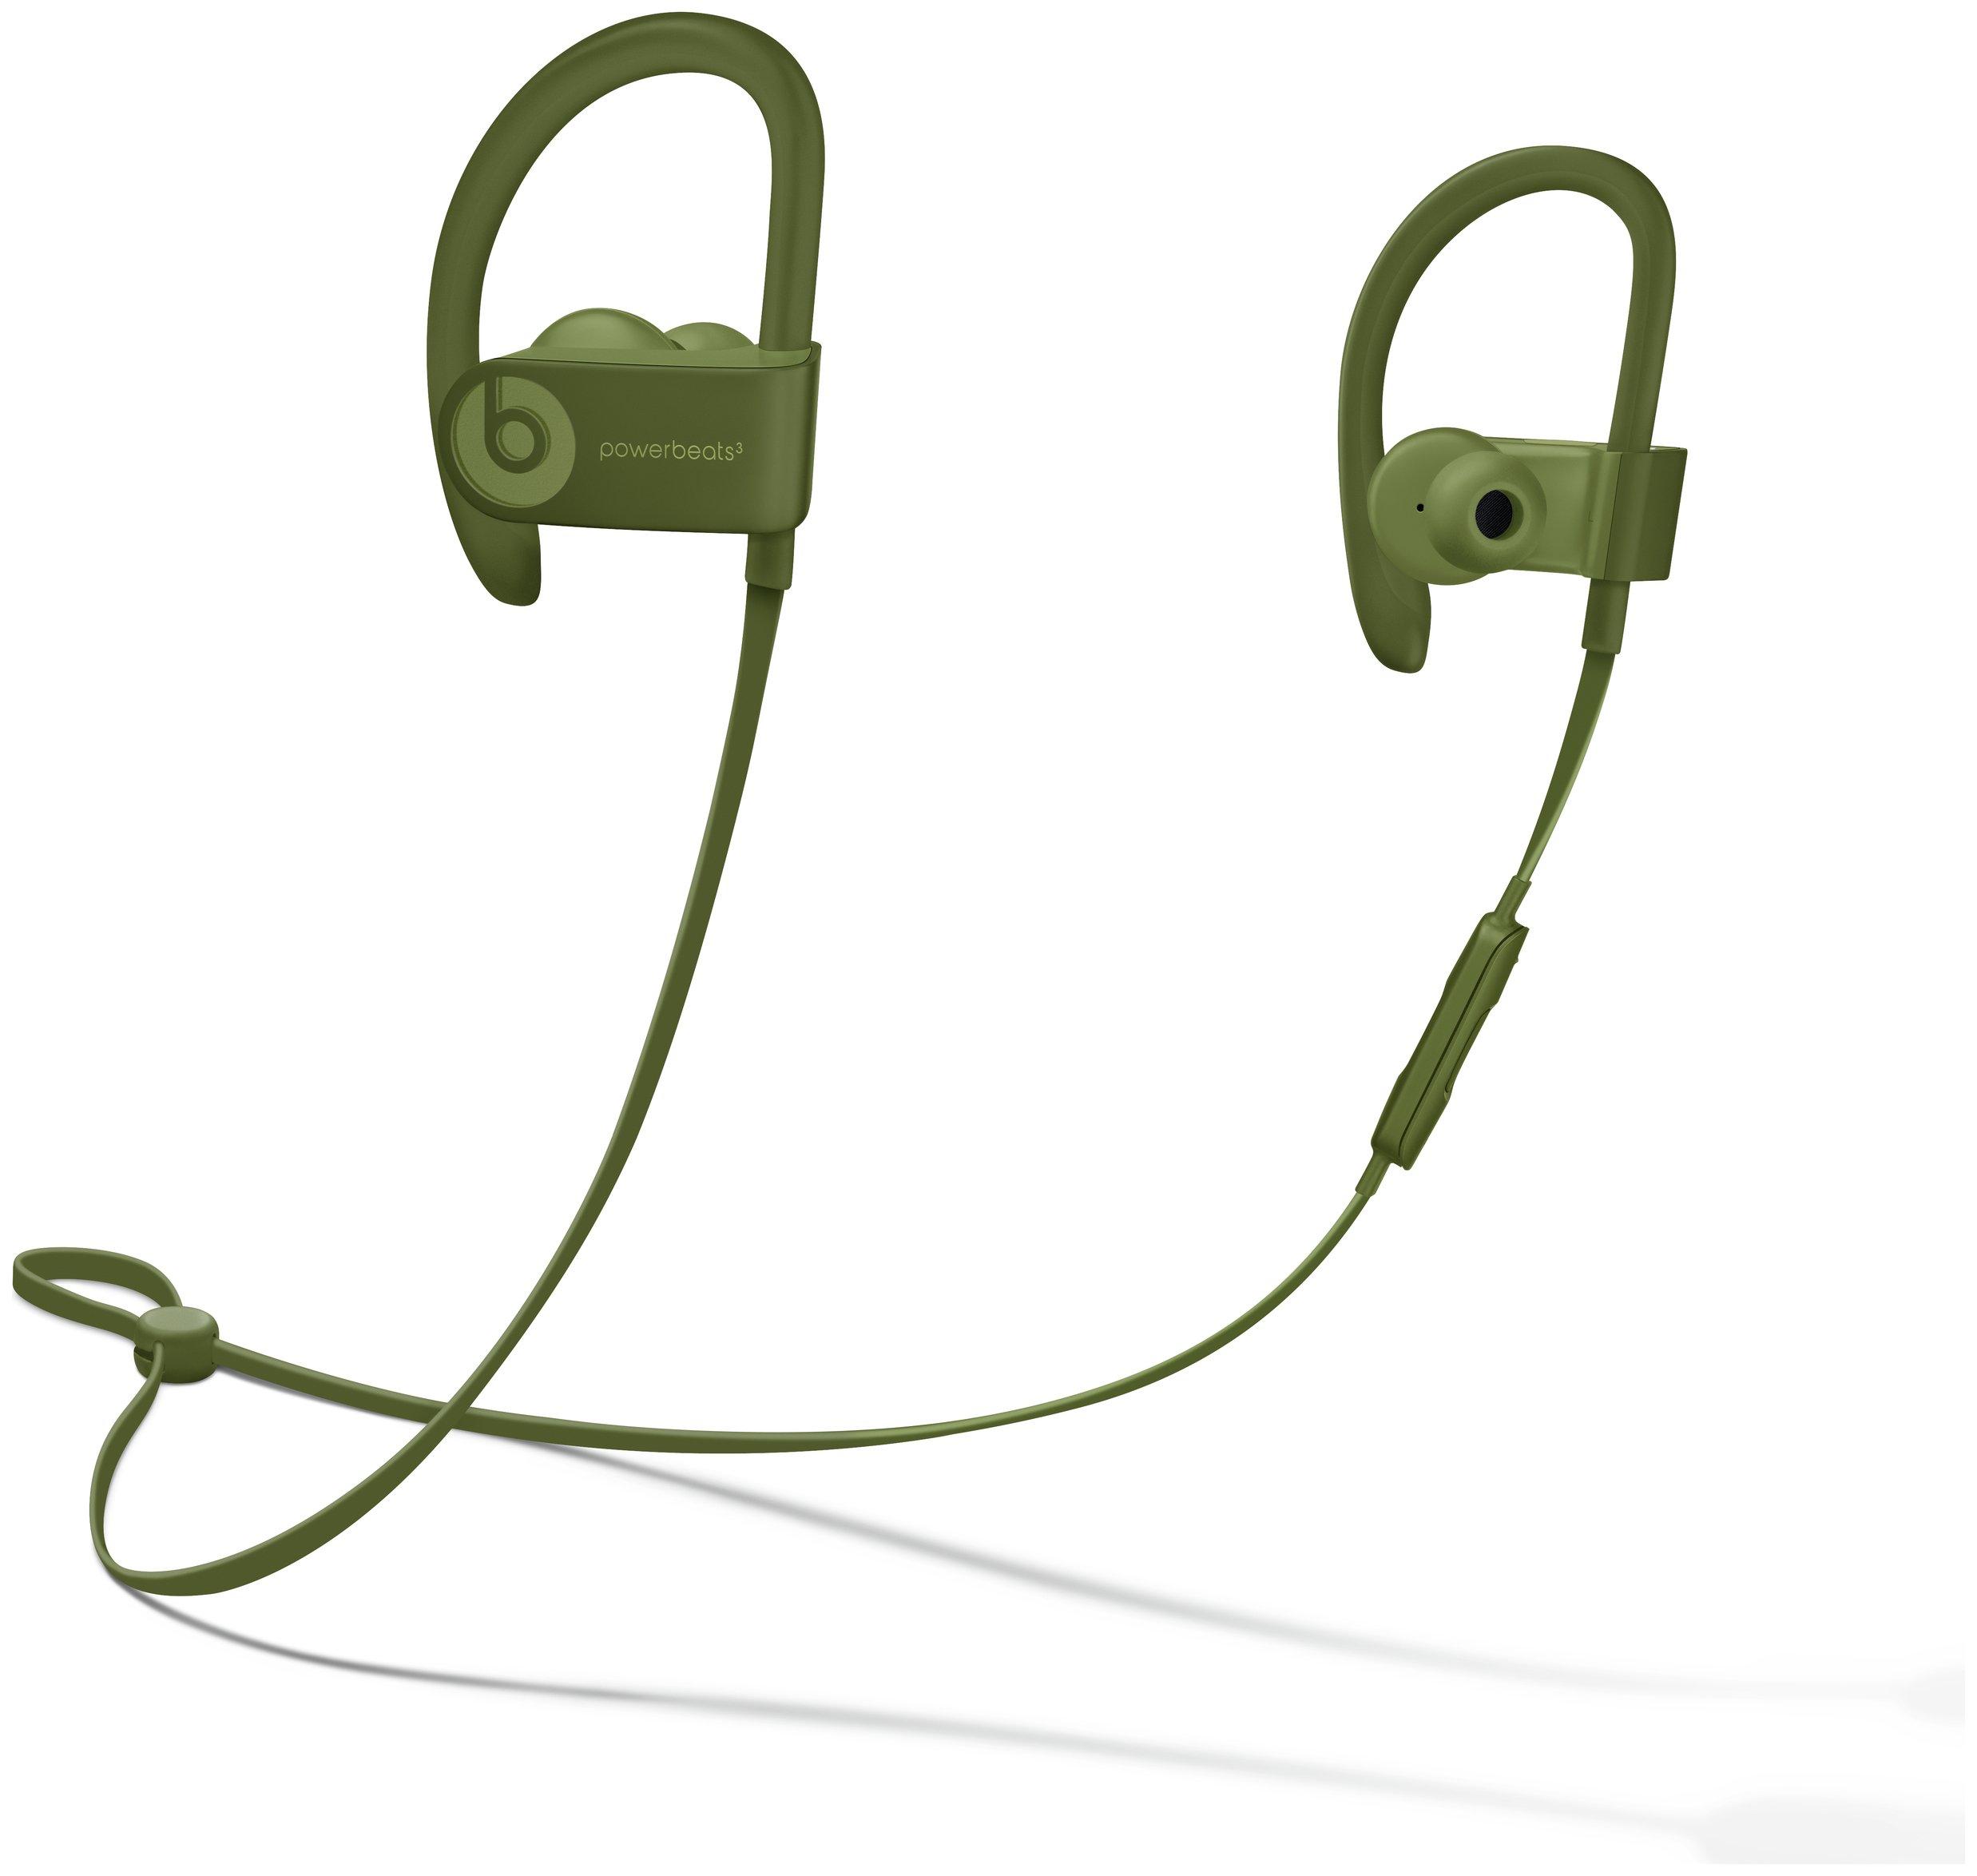 Beats by Dre Powerbeats3 Wireless Earphones - Green